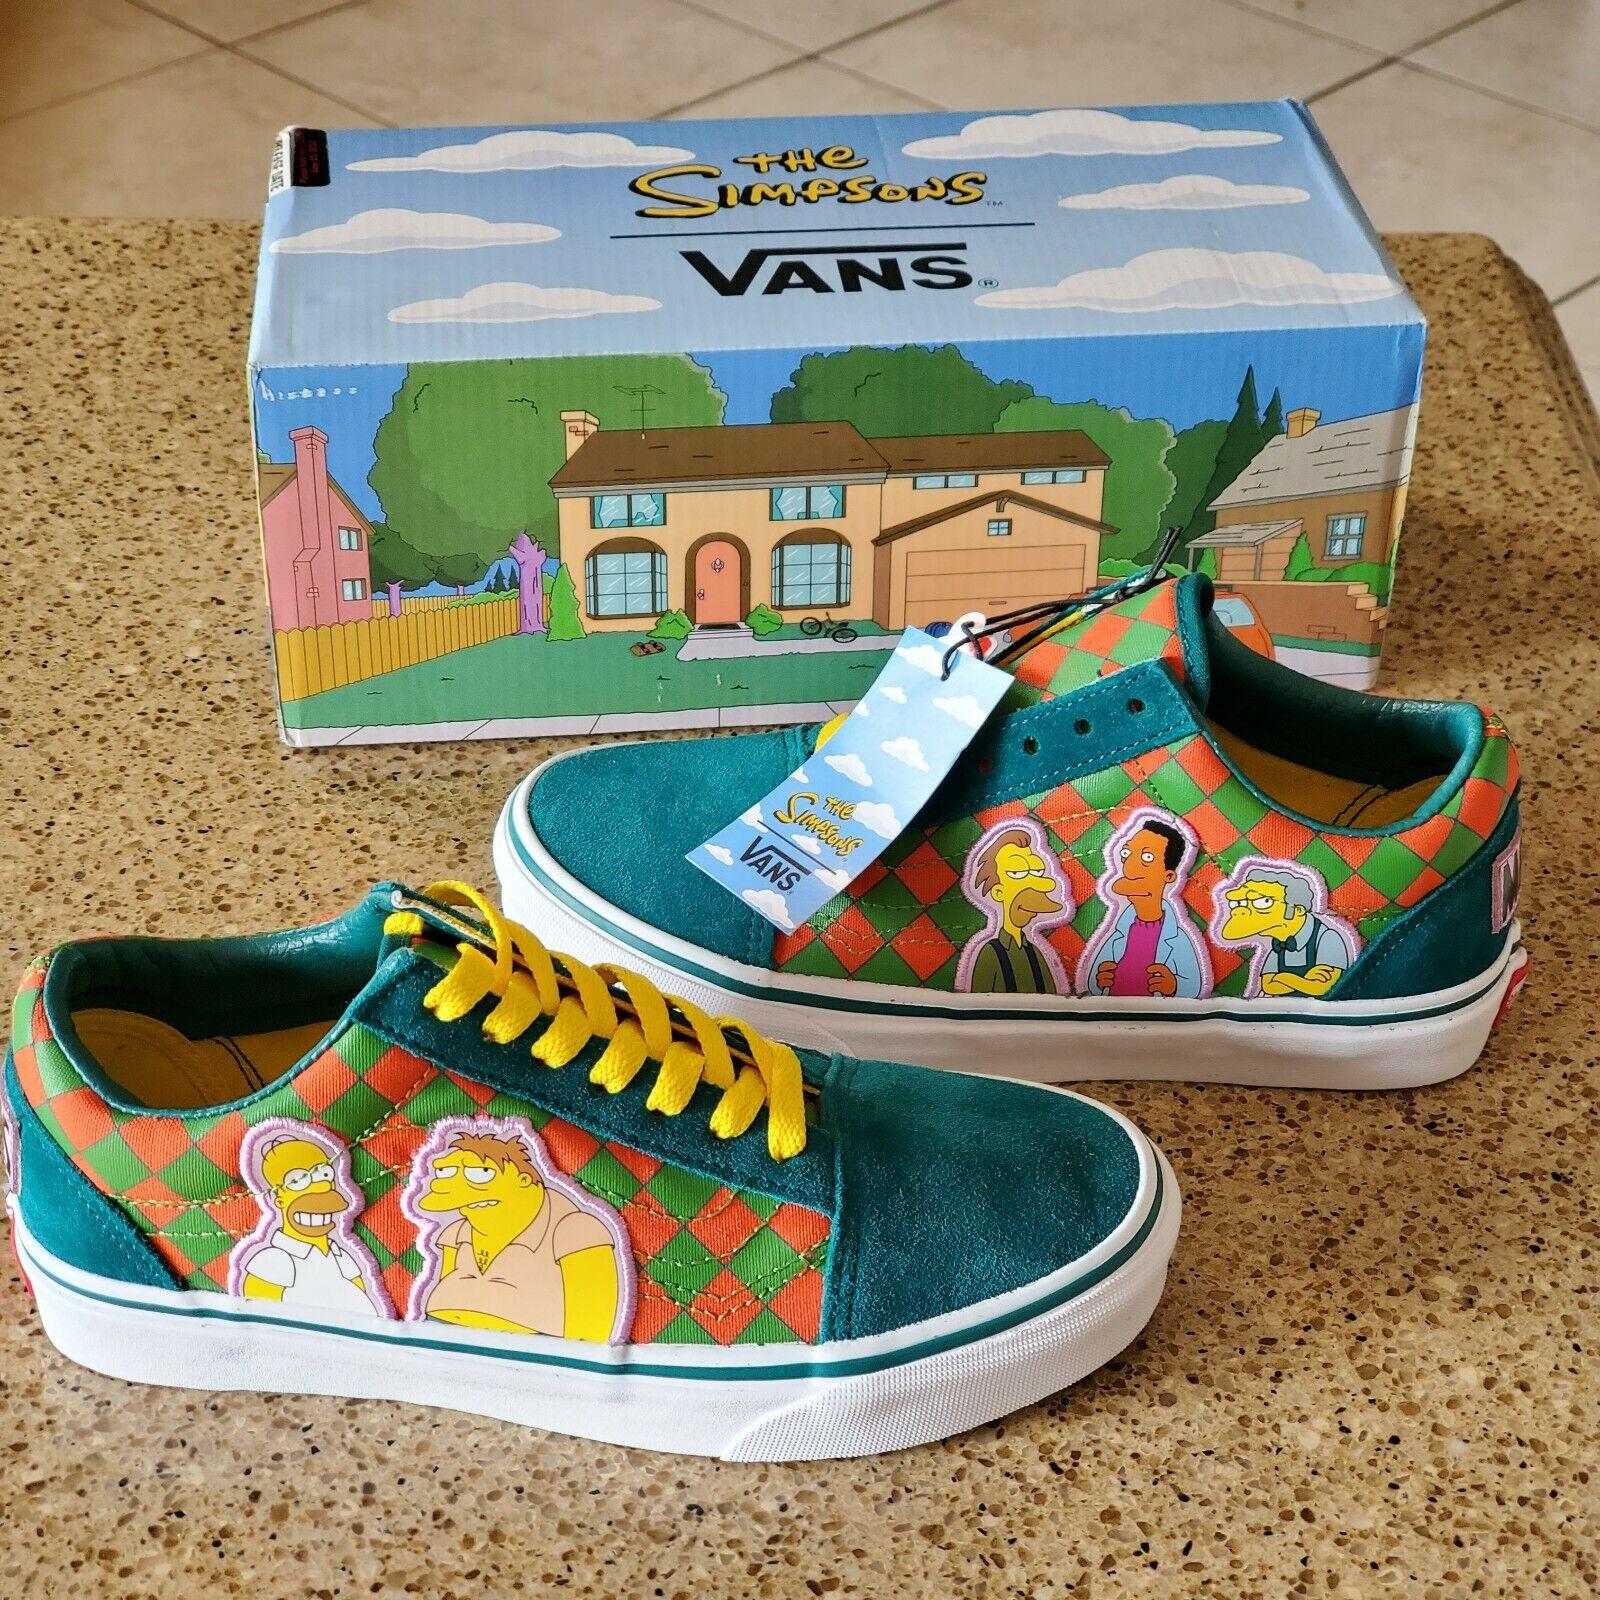 Vans Old Skool The Simpsons Moe's Tavern Sneakers Boys 3.5 Women 5 VN0A4BV521L